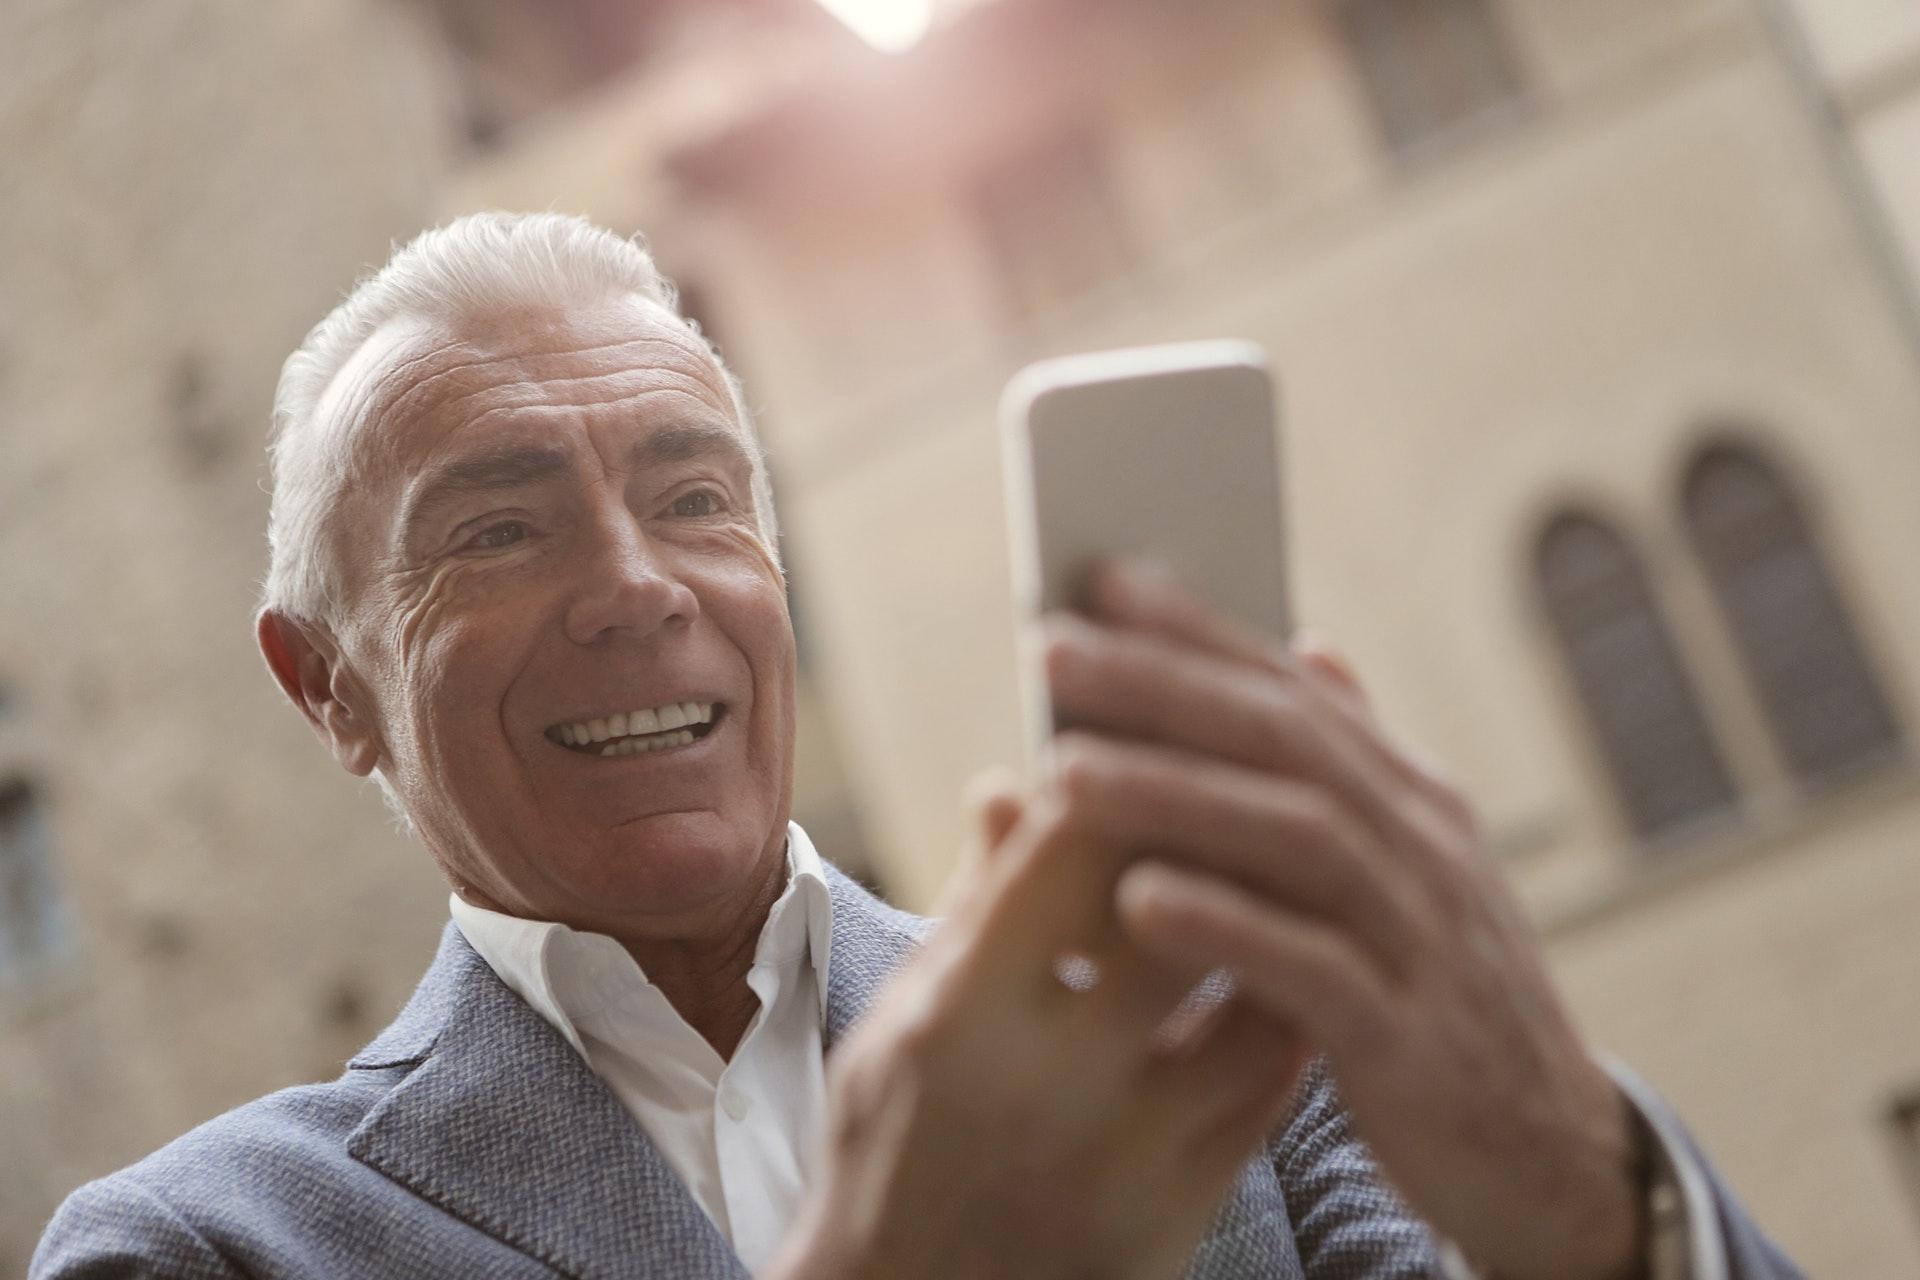 Mobiilisovelluksen saavutettavuus hymyilyttää vanhaa miestä